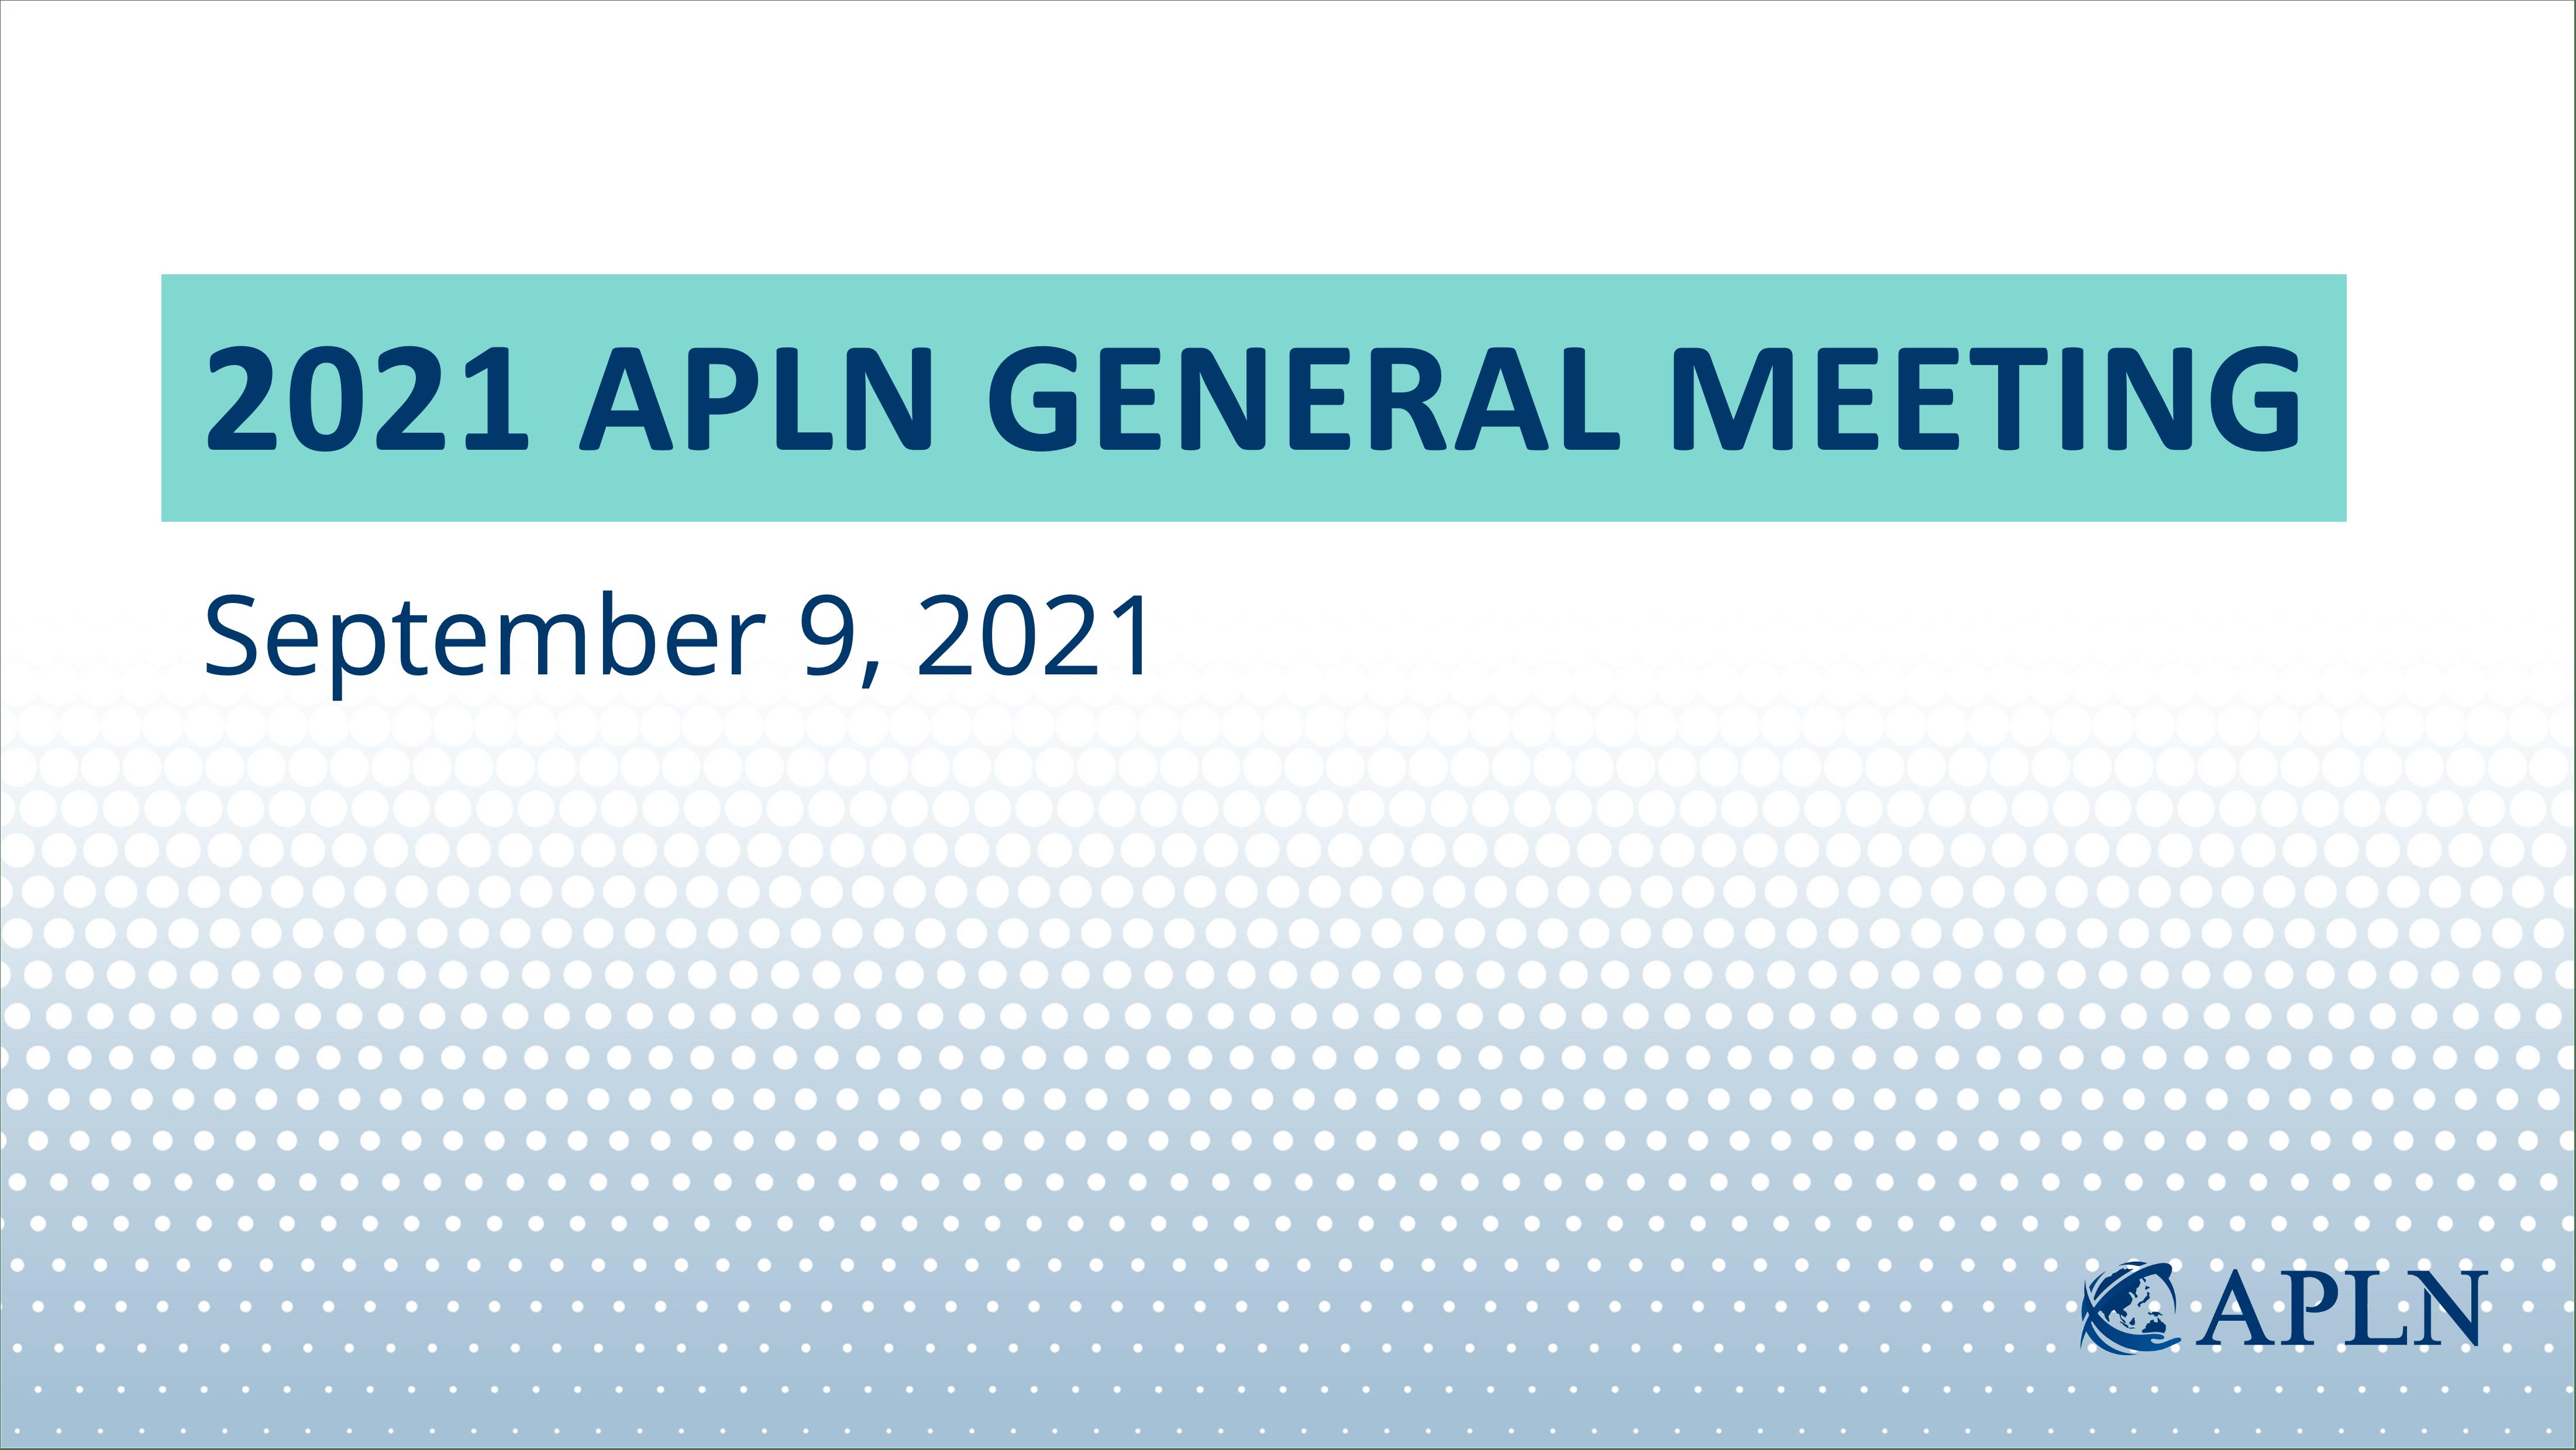 APLN Hosts General Members Meeting